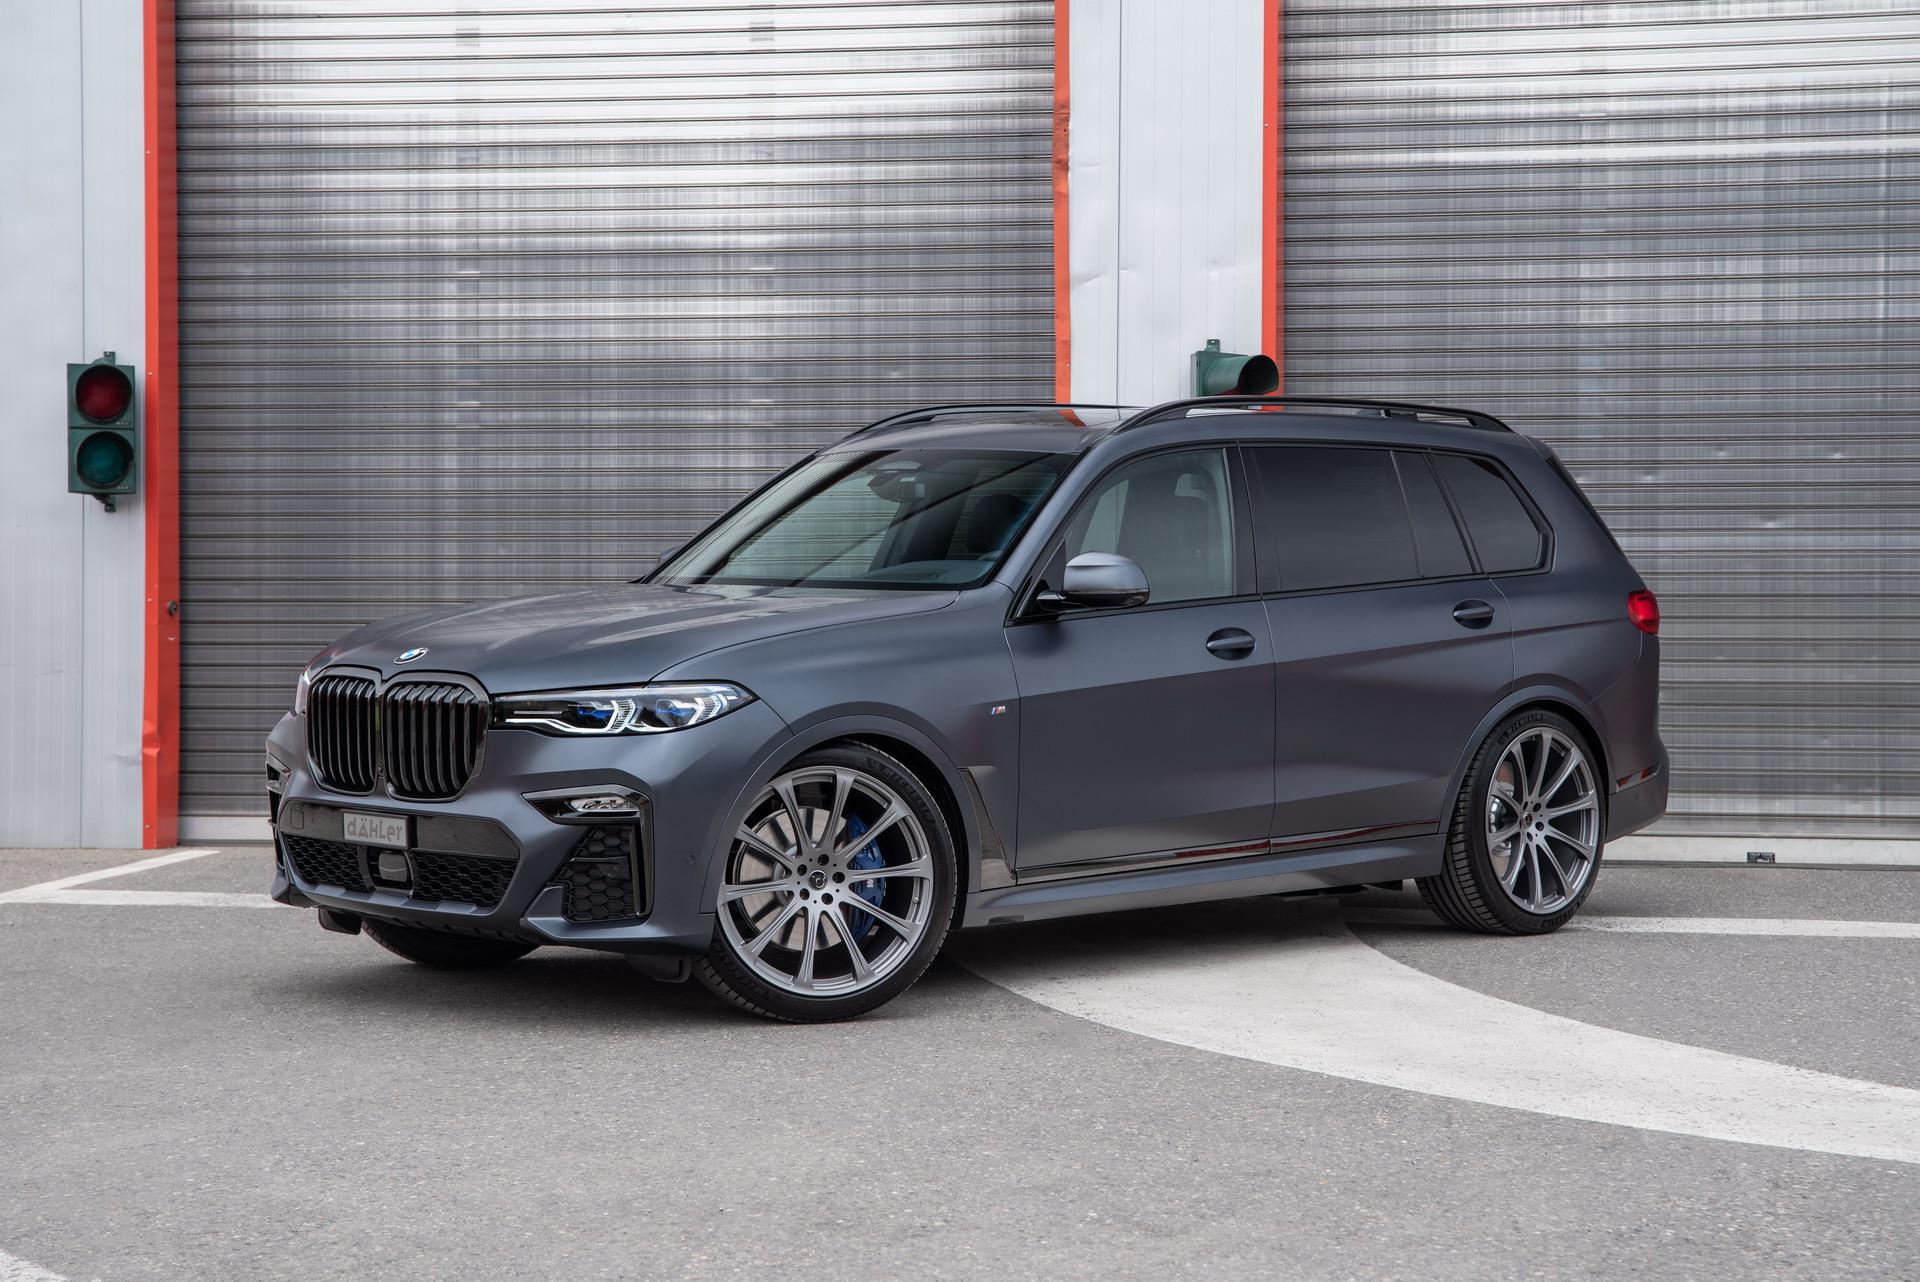 Баварский автопроизводитель BMW решил, что его паркетник X7 и так достаточно силён, чтобы не разрабатывать M-версию, но тюнеры усмотрели в этом упущенную возможность.